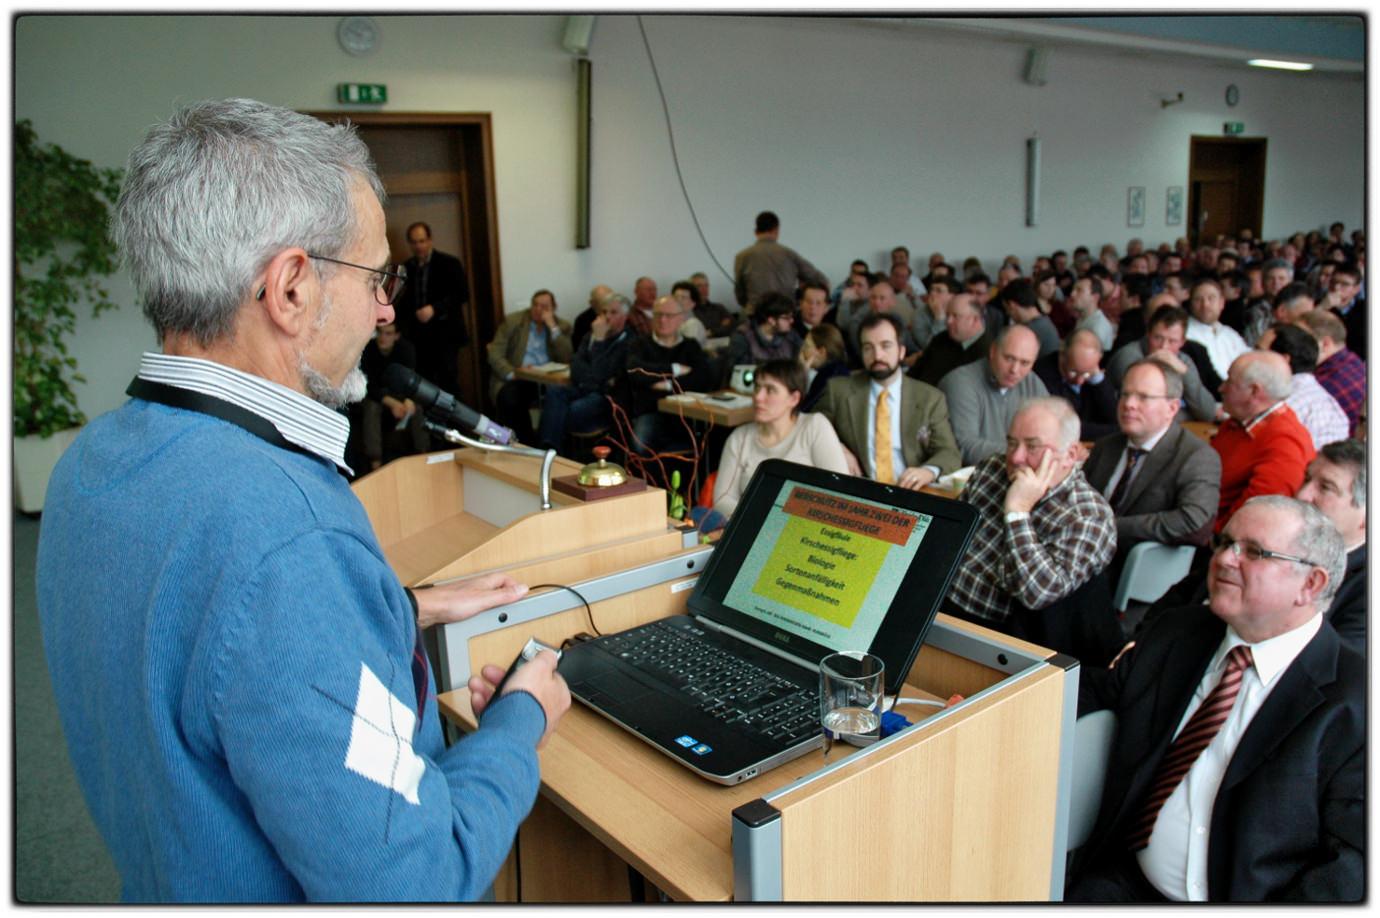 Rebschutzexperte Dr. Georg Hill referiert im Dienstleistungszentrums Ländlicher Raum (DLR) Rheinhessen-Nahe-Hunsrück.